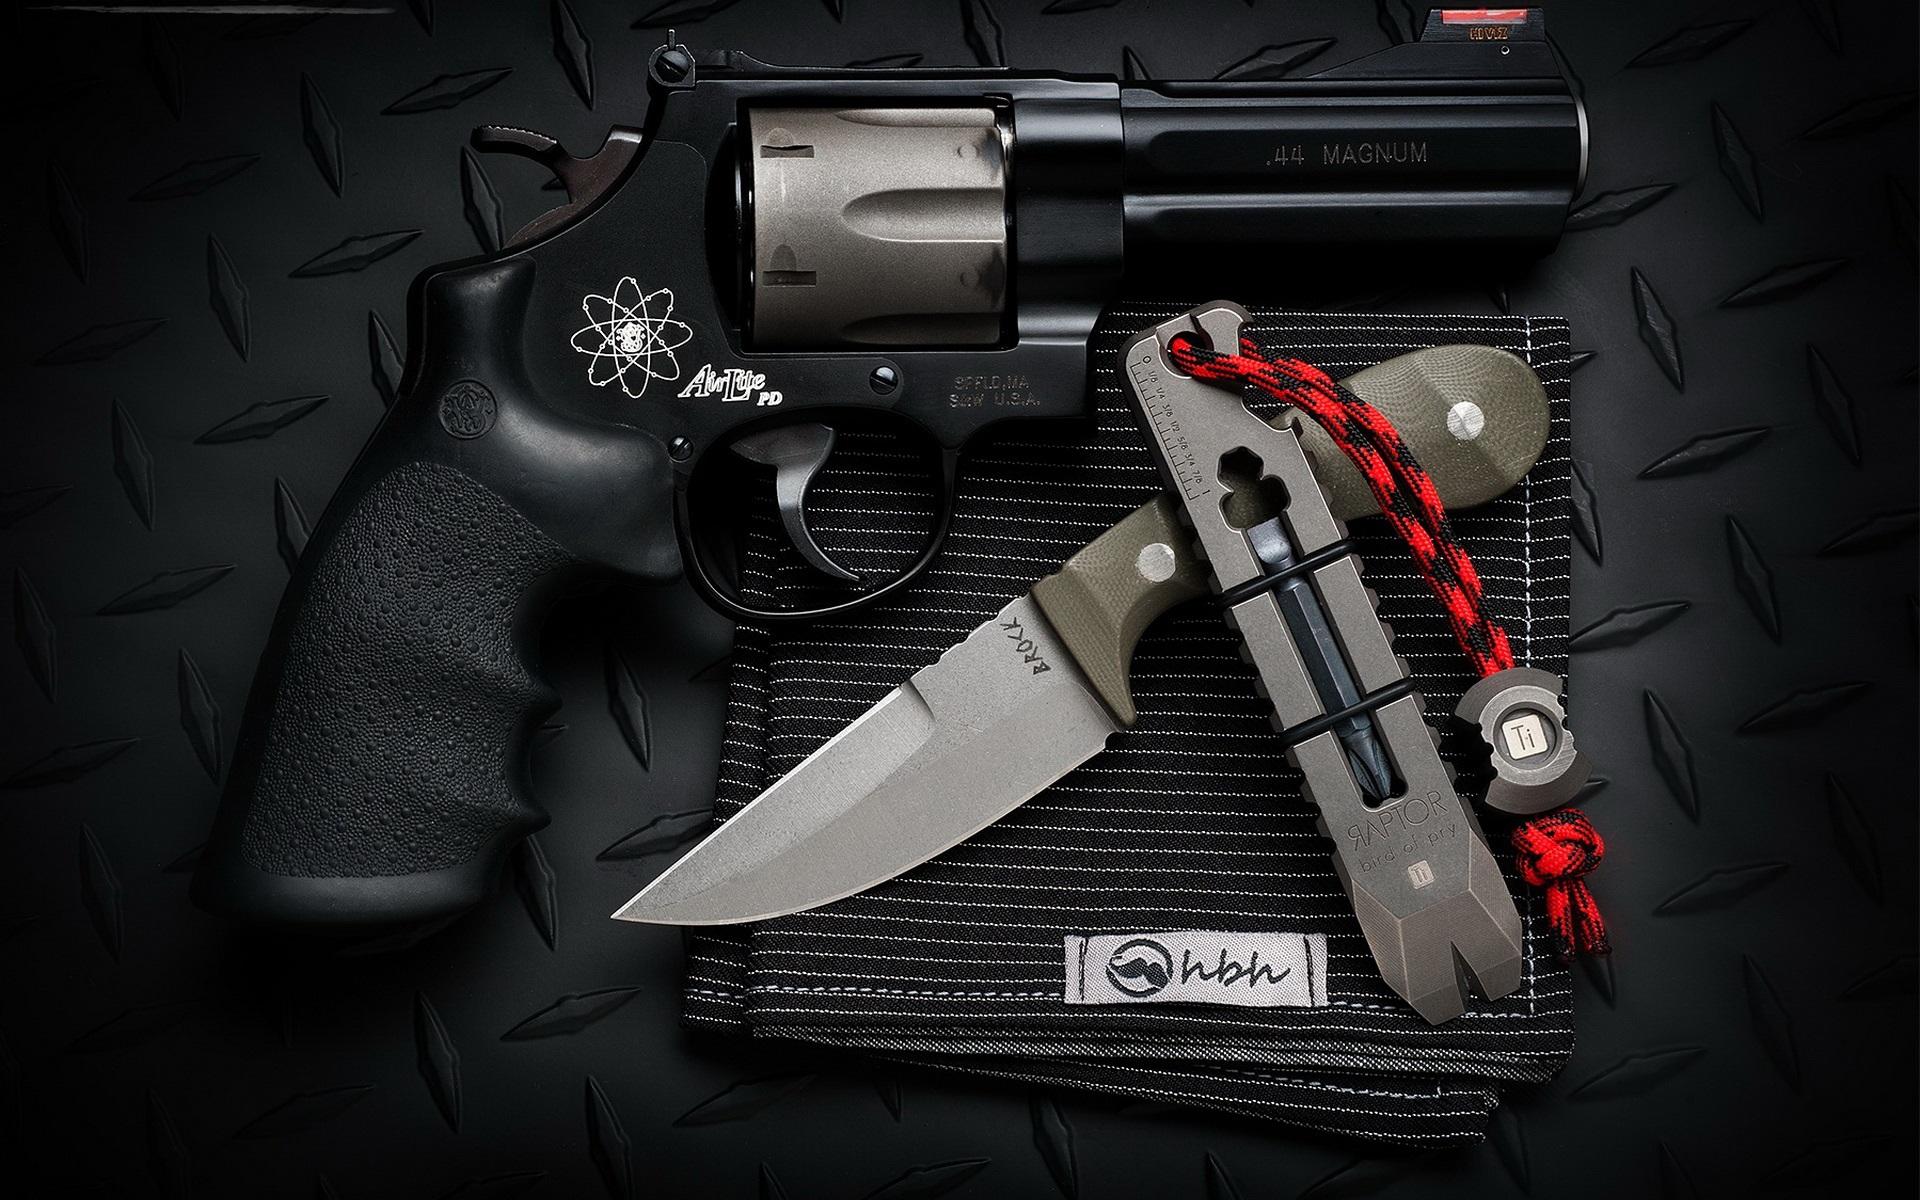 壁紙 ナイフと銃 武器 1920x1200 Hd 無料のデスクトップの背景 画像